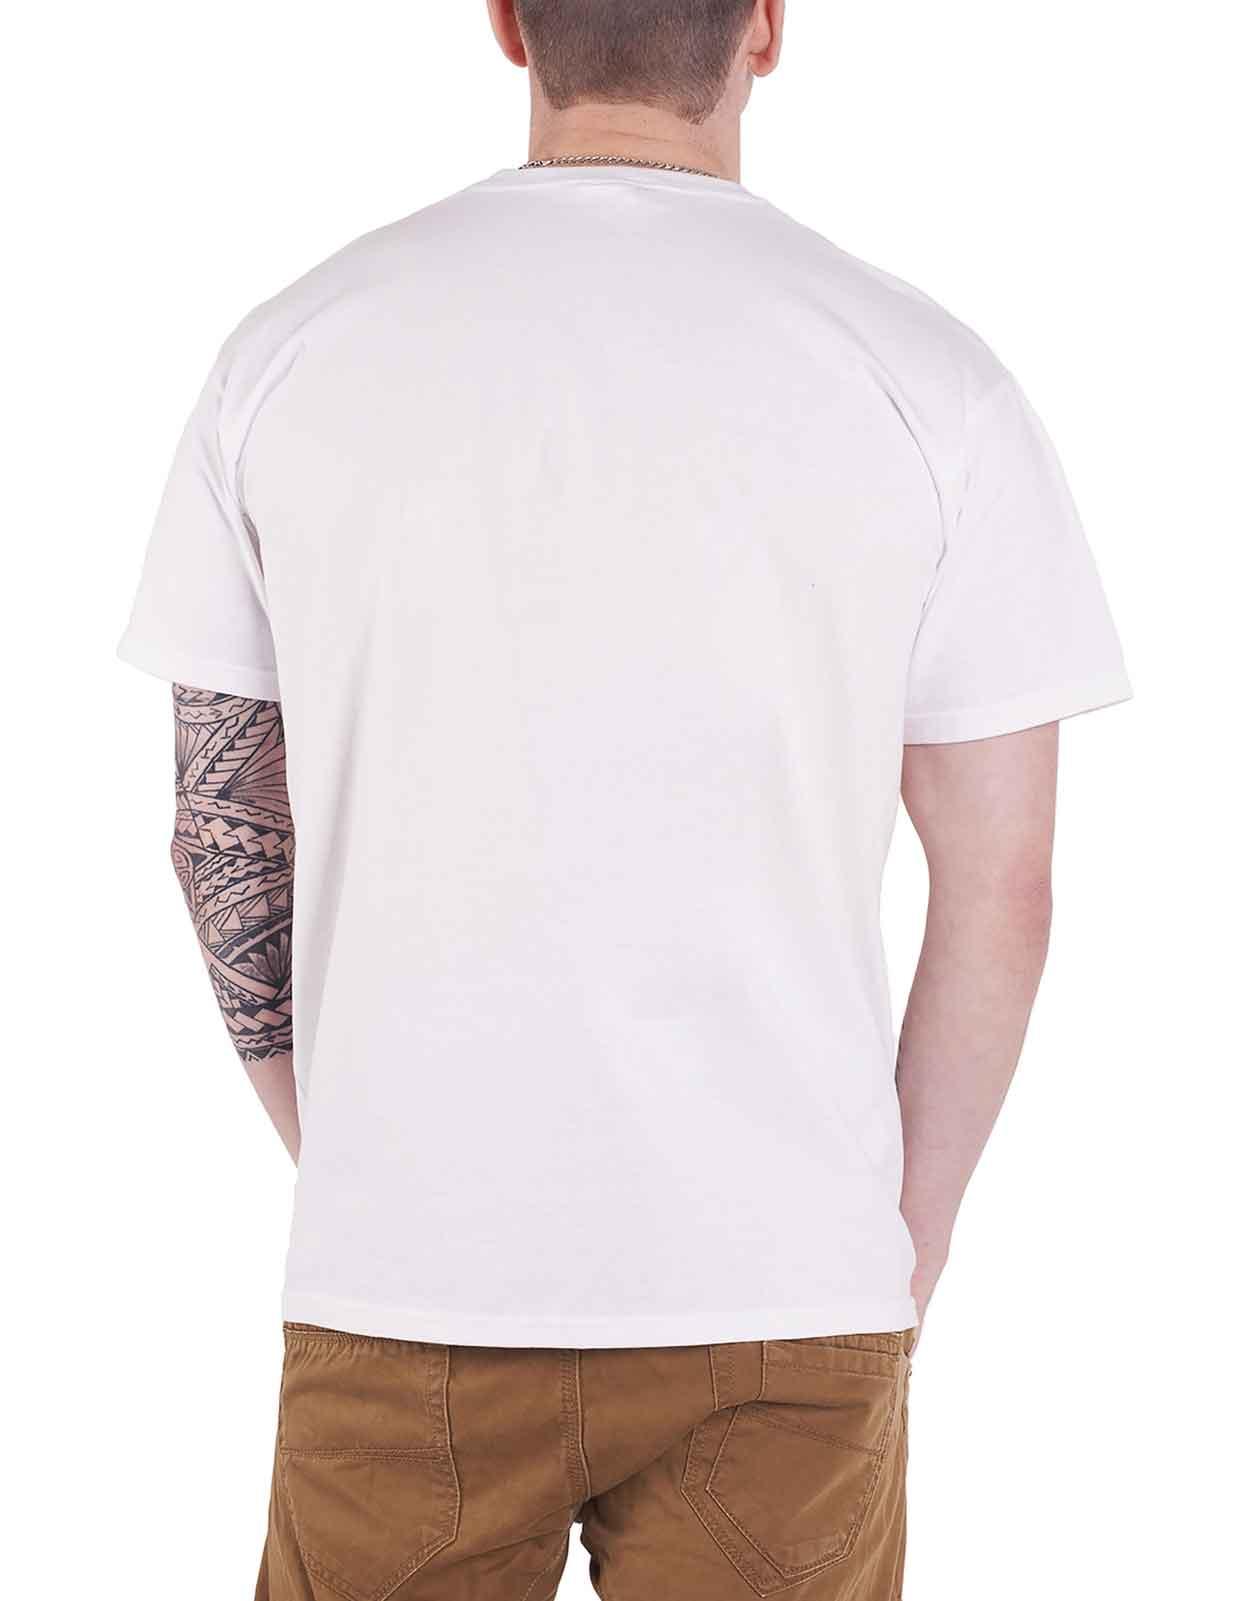 Rick-and-Morty-T-Shirt-Pickle-Rick-Portail-spirale-Wubba-Lubba-nouveau-officiel-Homme miniature 9